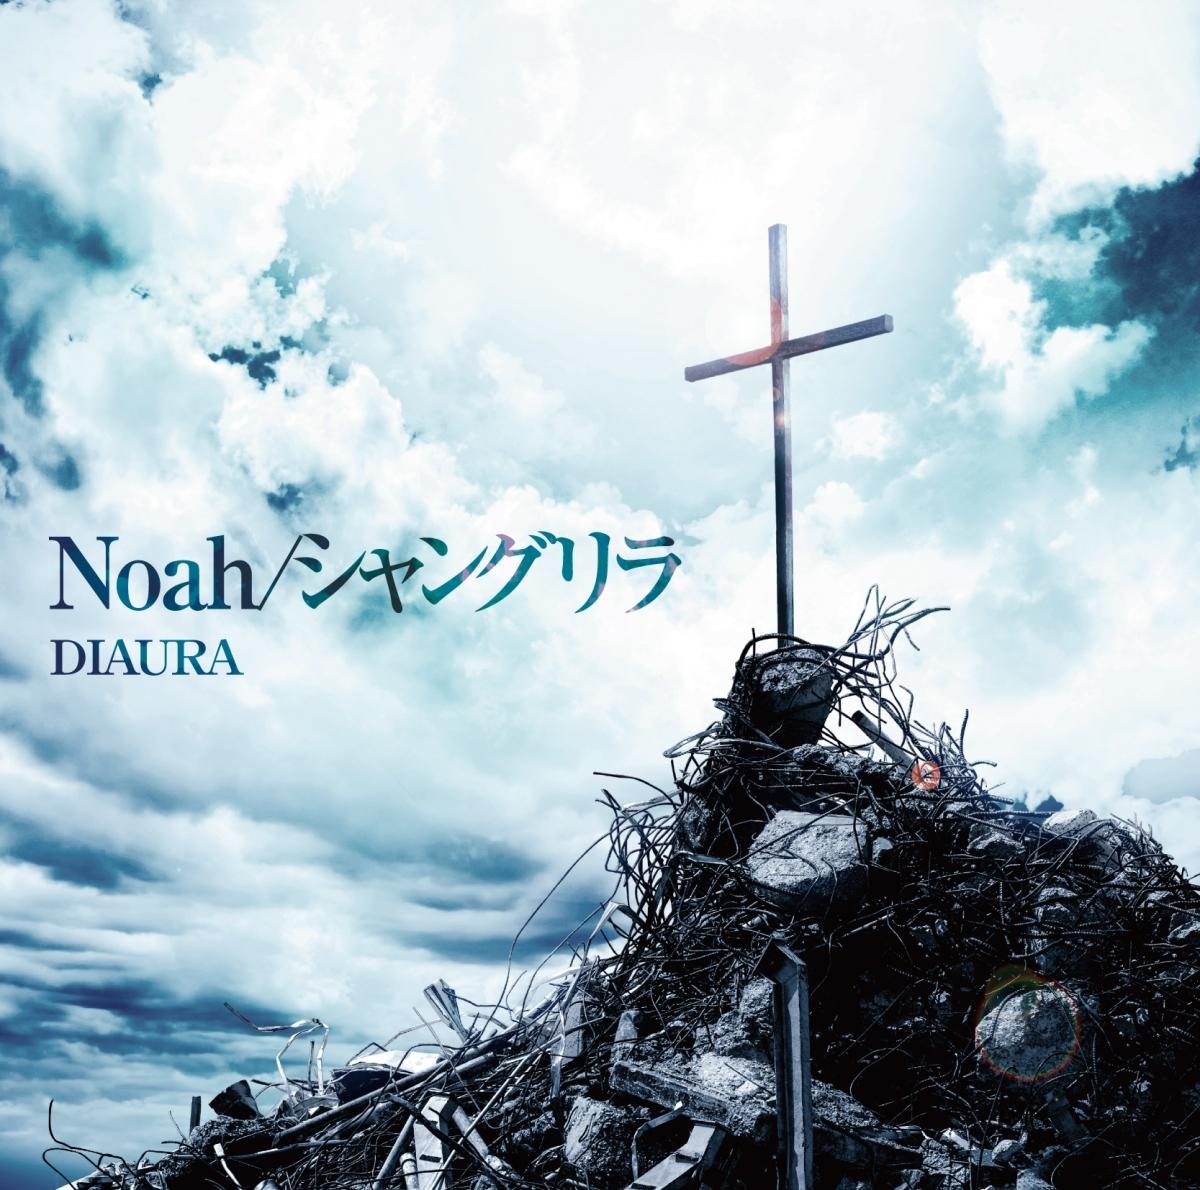 14th 両A面Single『Noah/シャングリラ』